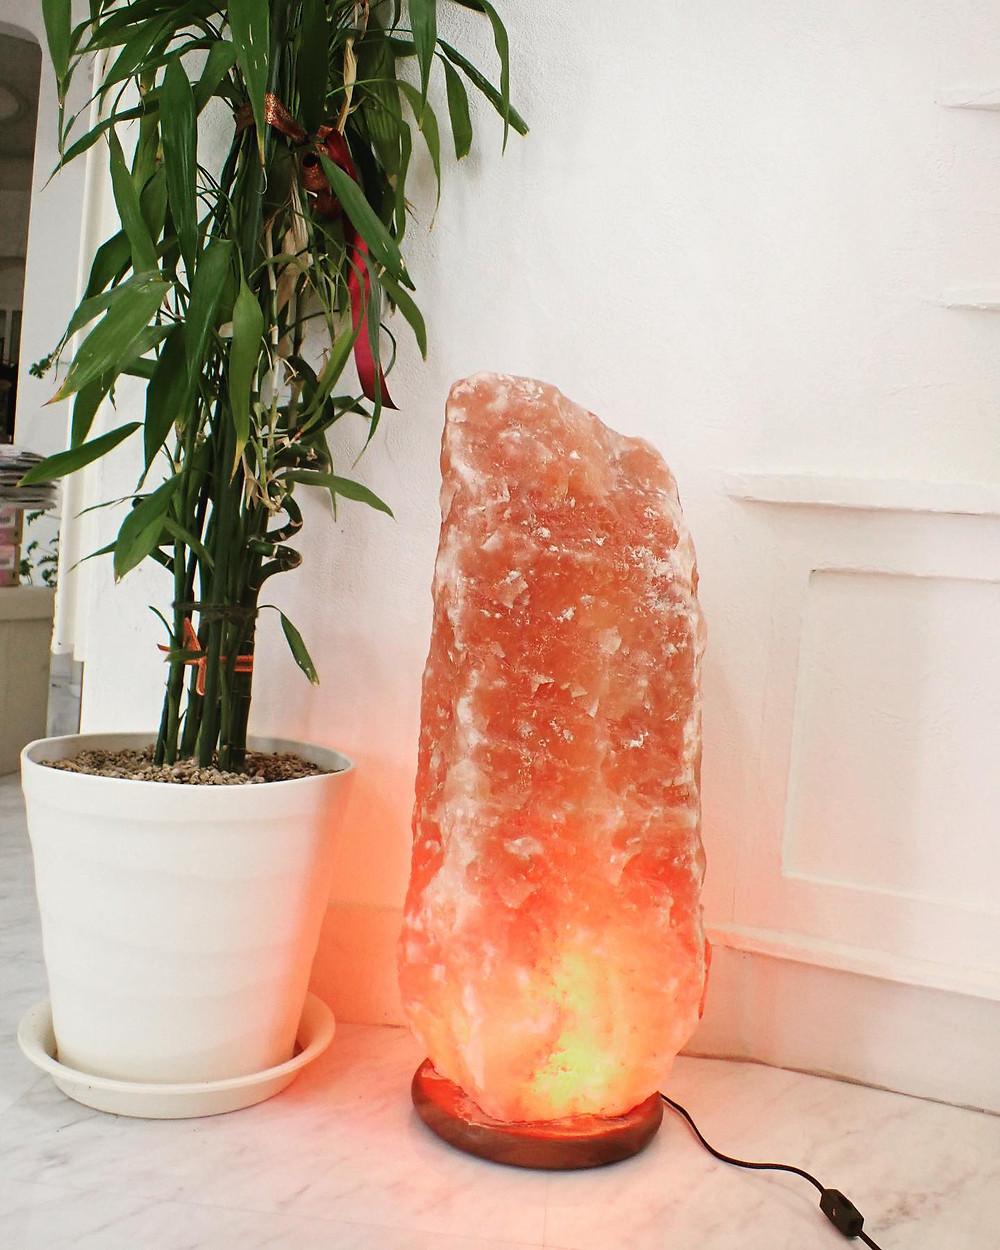 岩塩ランプ インテリア 癒し 鉱物 パワーストーン 山形県山形市 ジュエリーショップ 宝石店 アトリエジェムカフェ